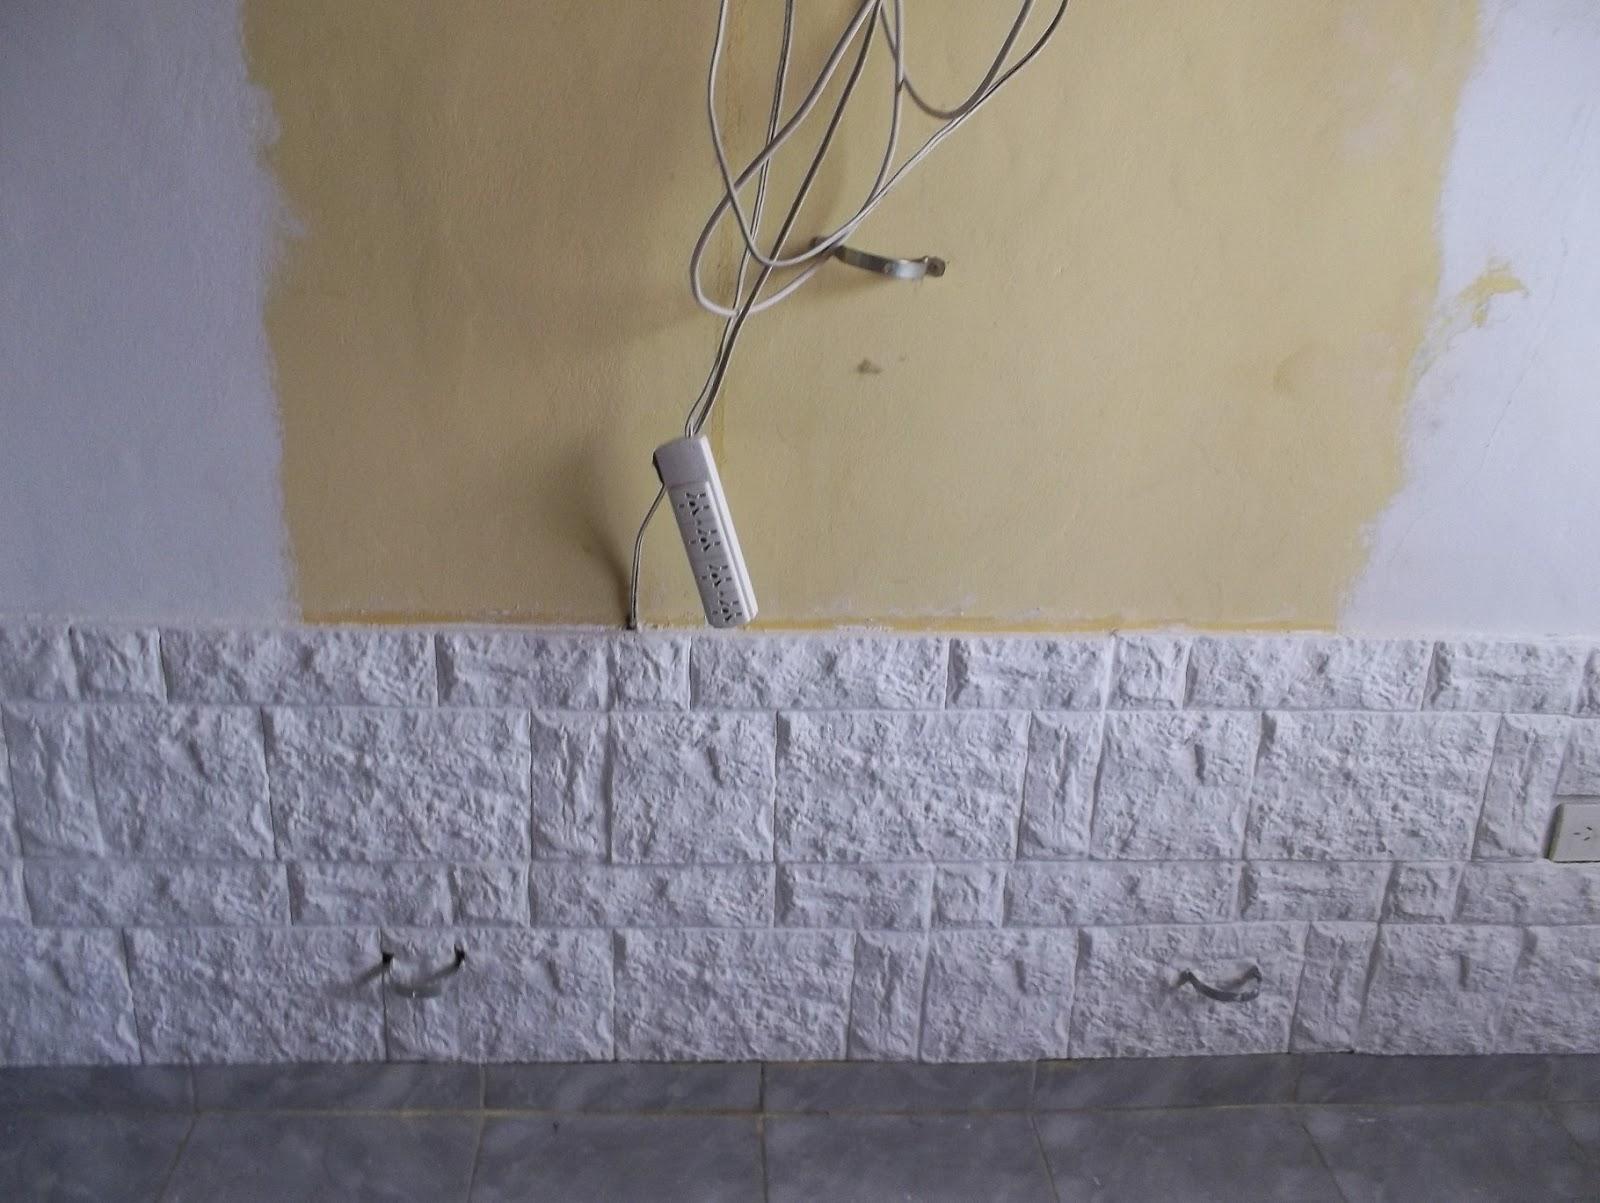 Construye tu placas de yeso en paredes con humedad - Placas decorativas para pared interior ...